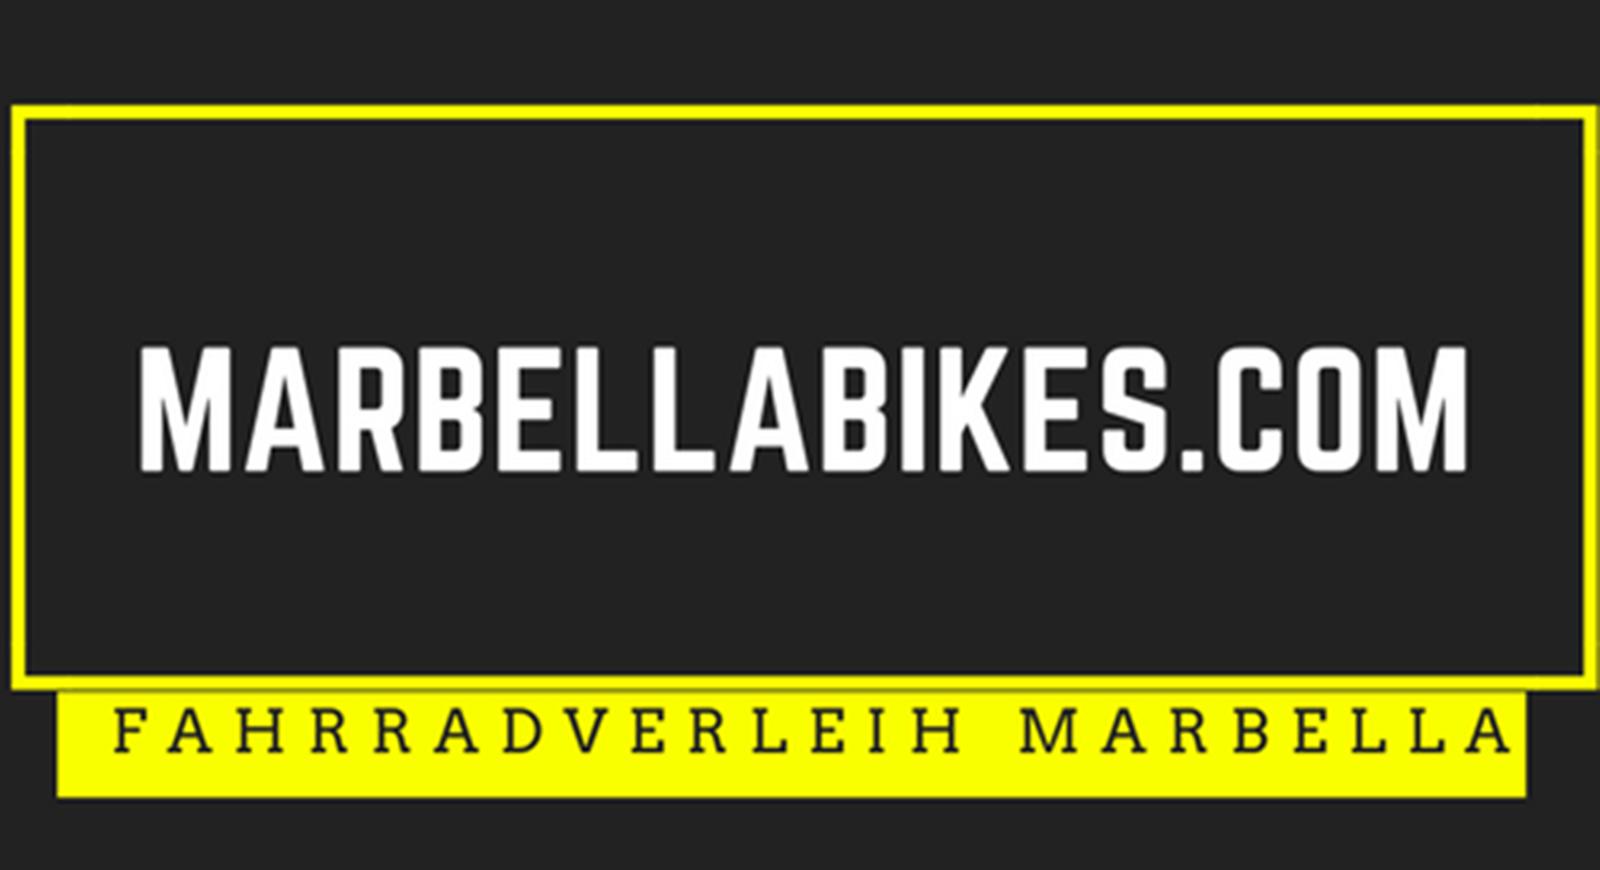 Fahrradverleih Marbella